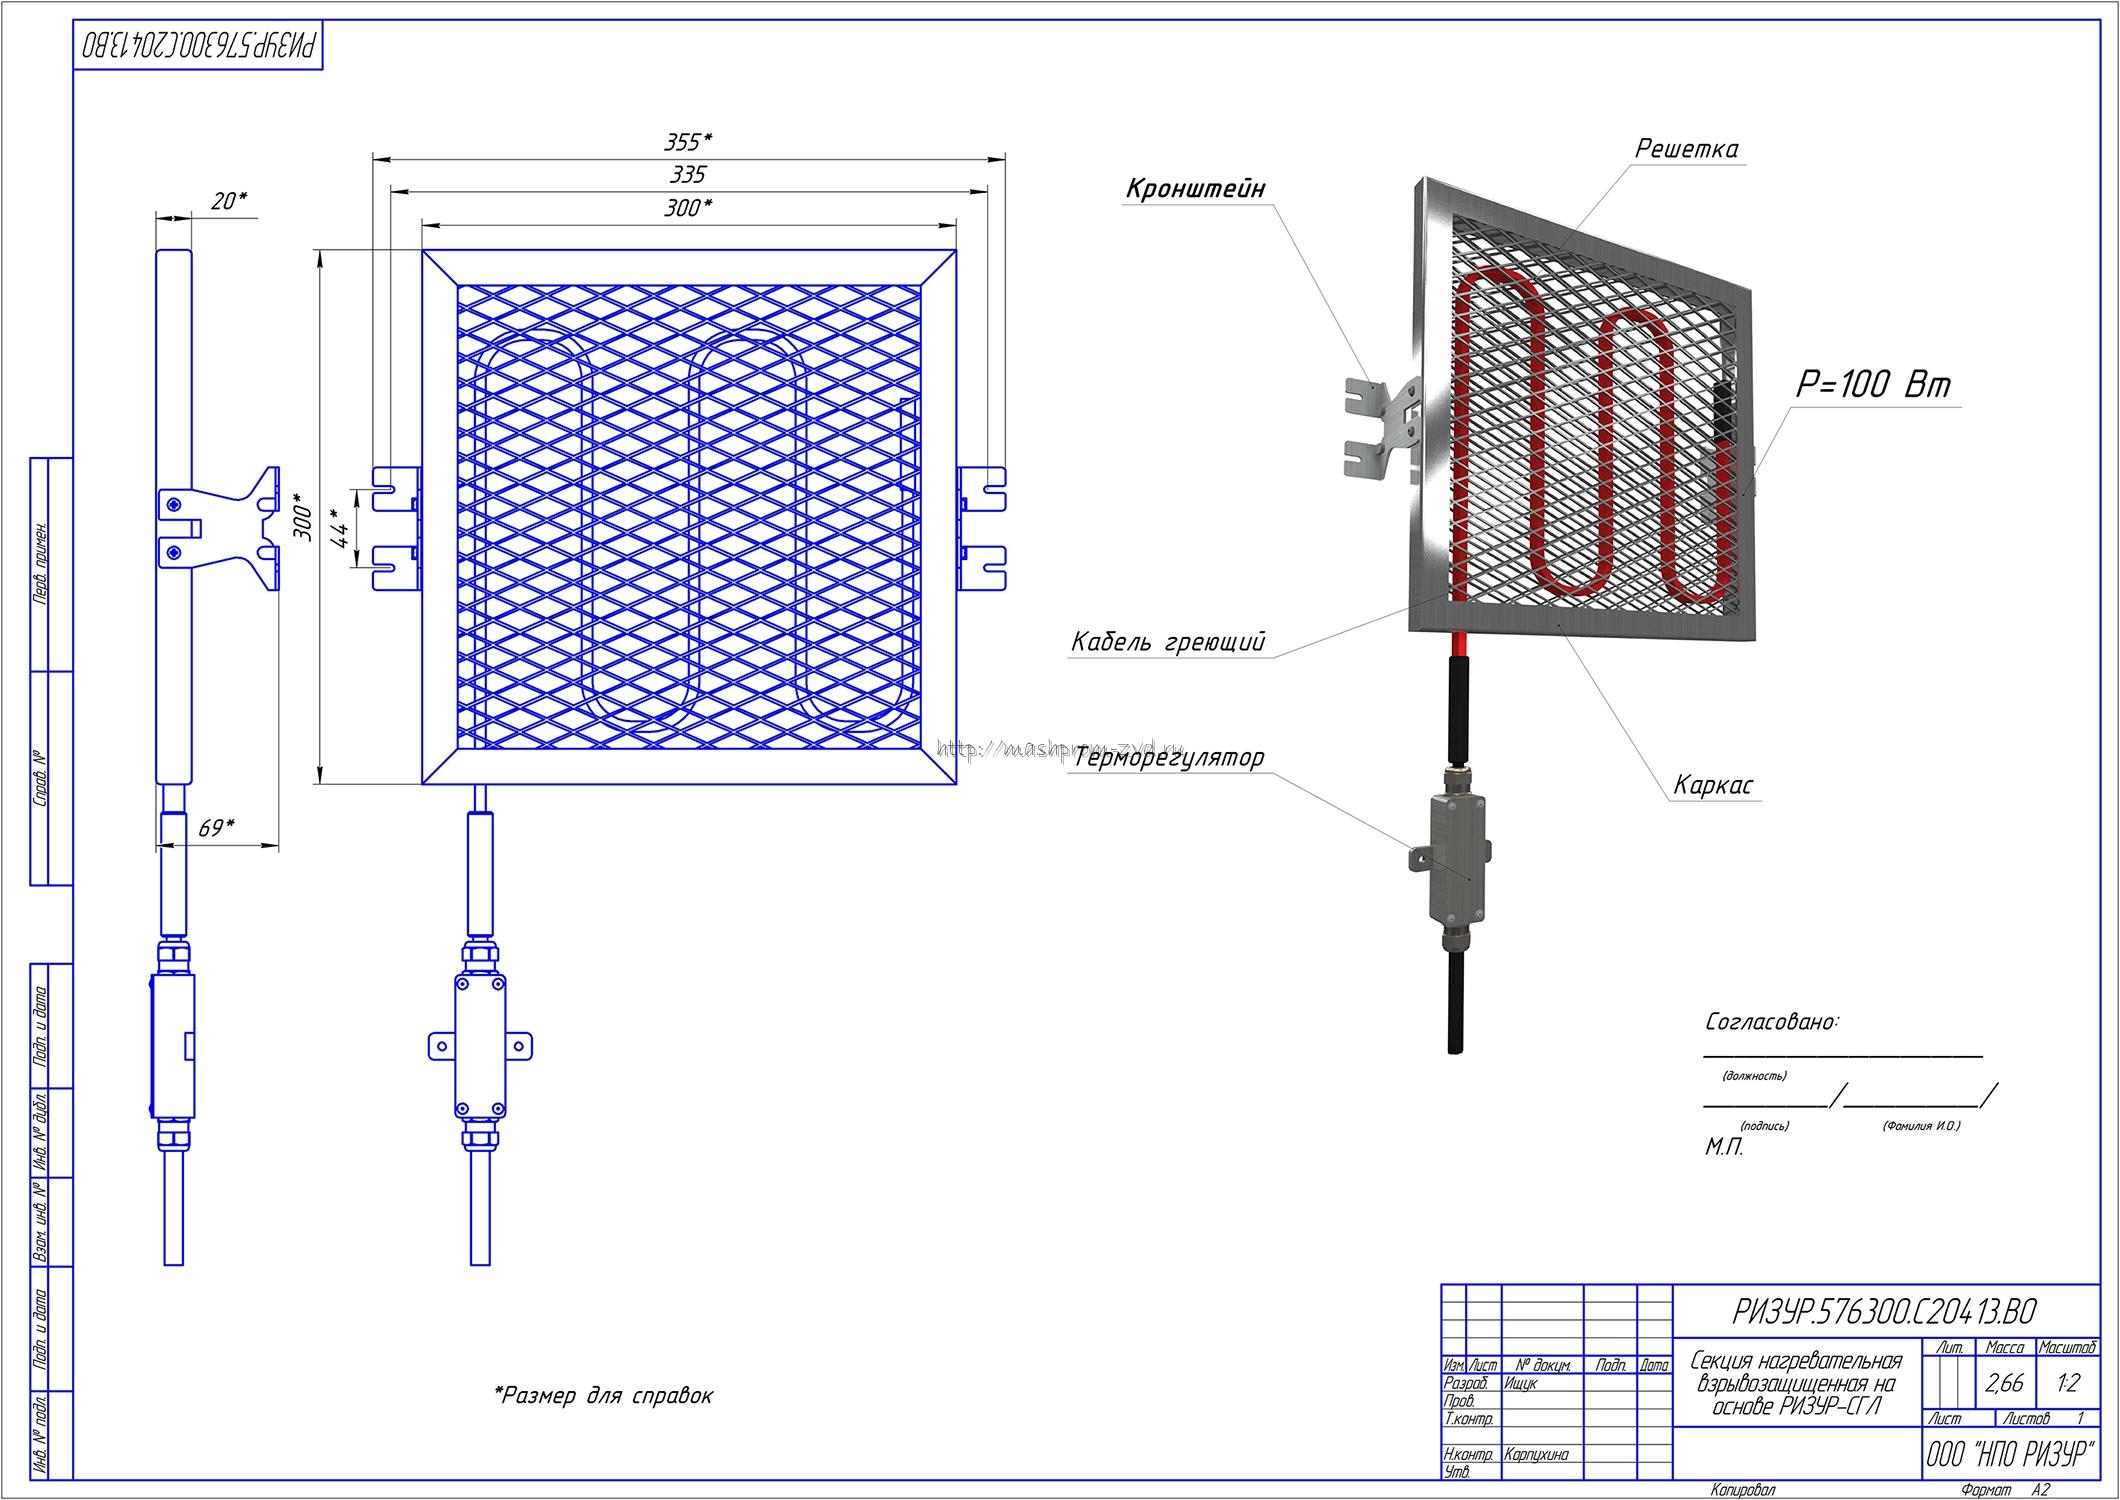 Саморегулирующаяся нагревательная секция на основе РИЗУР-СГЛ